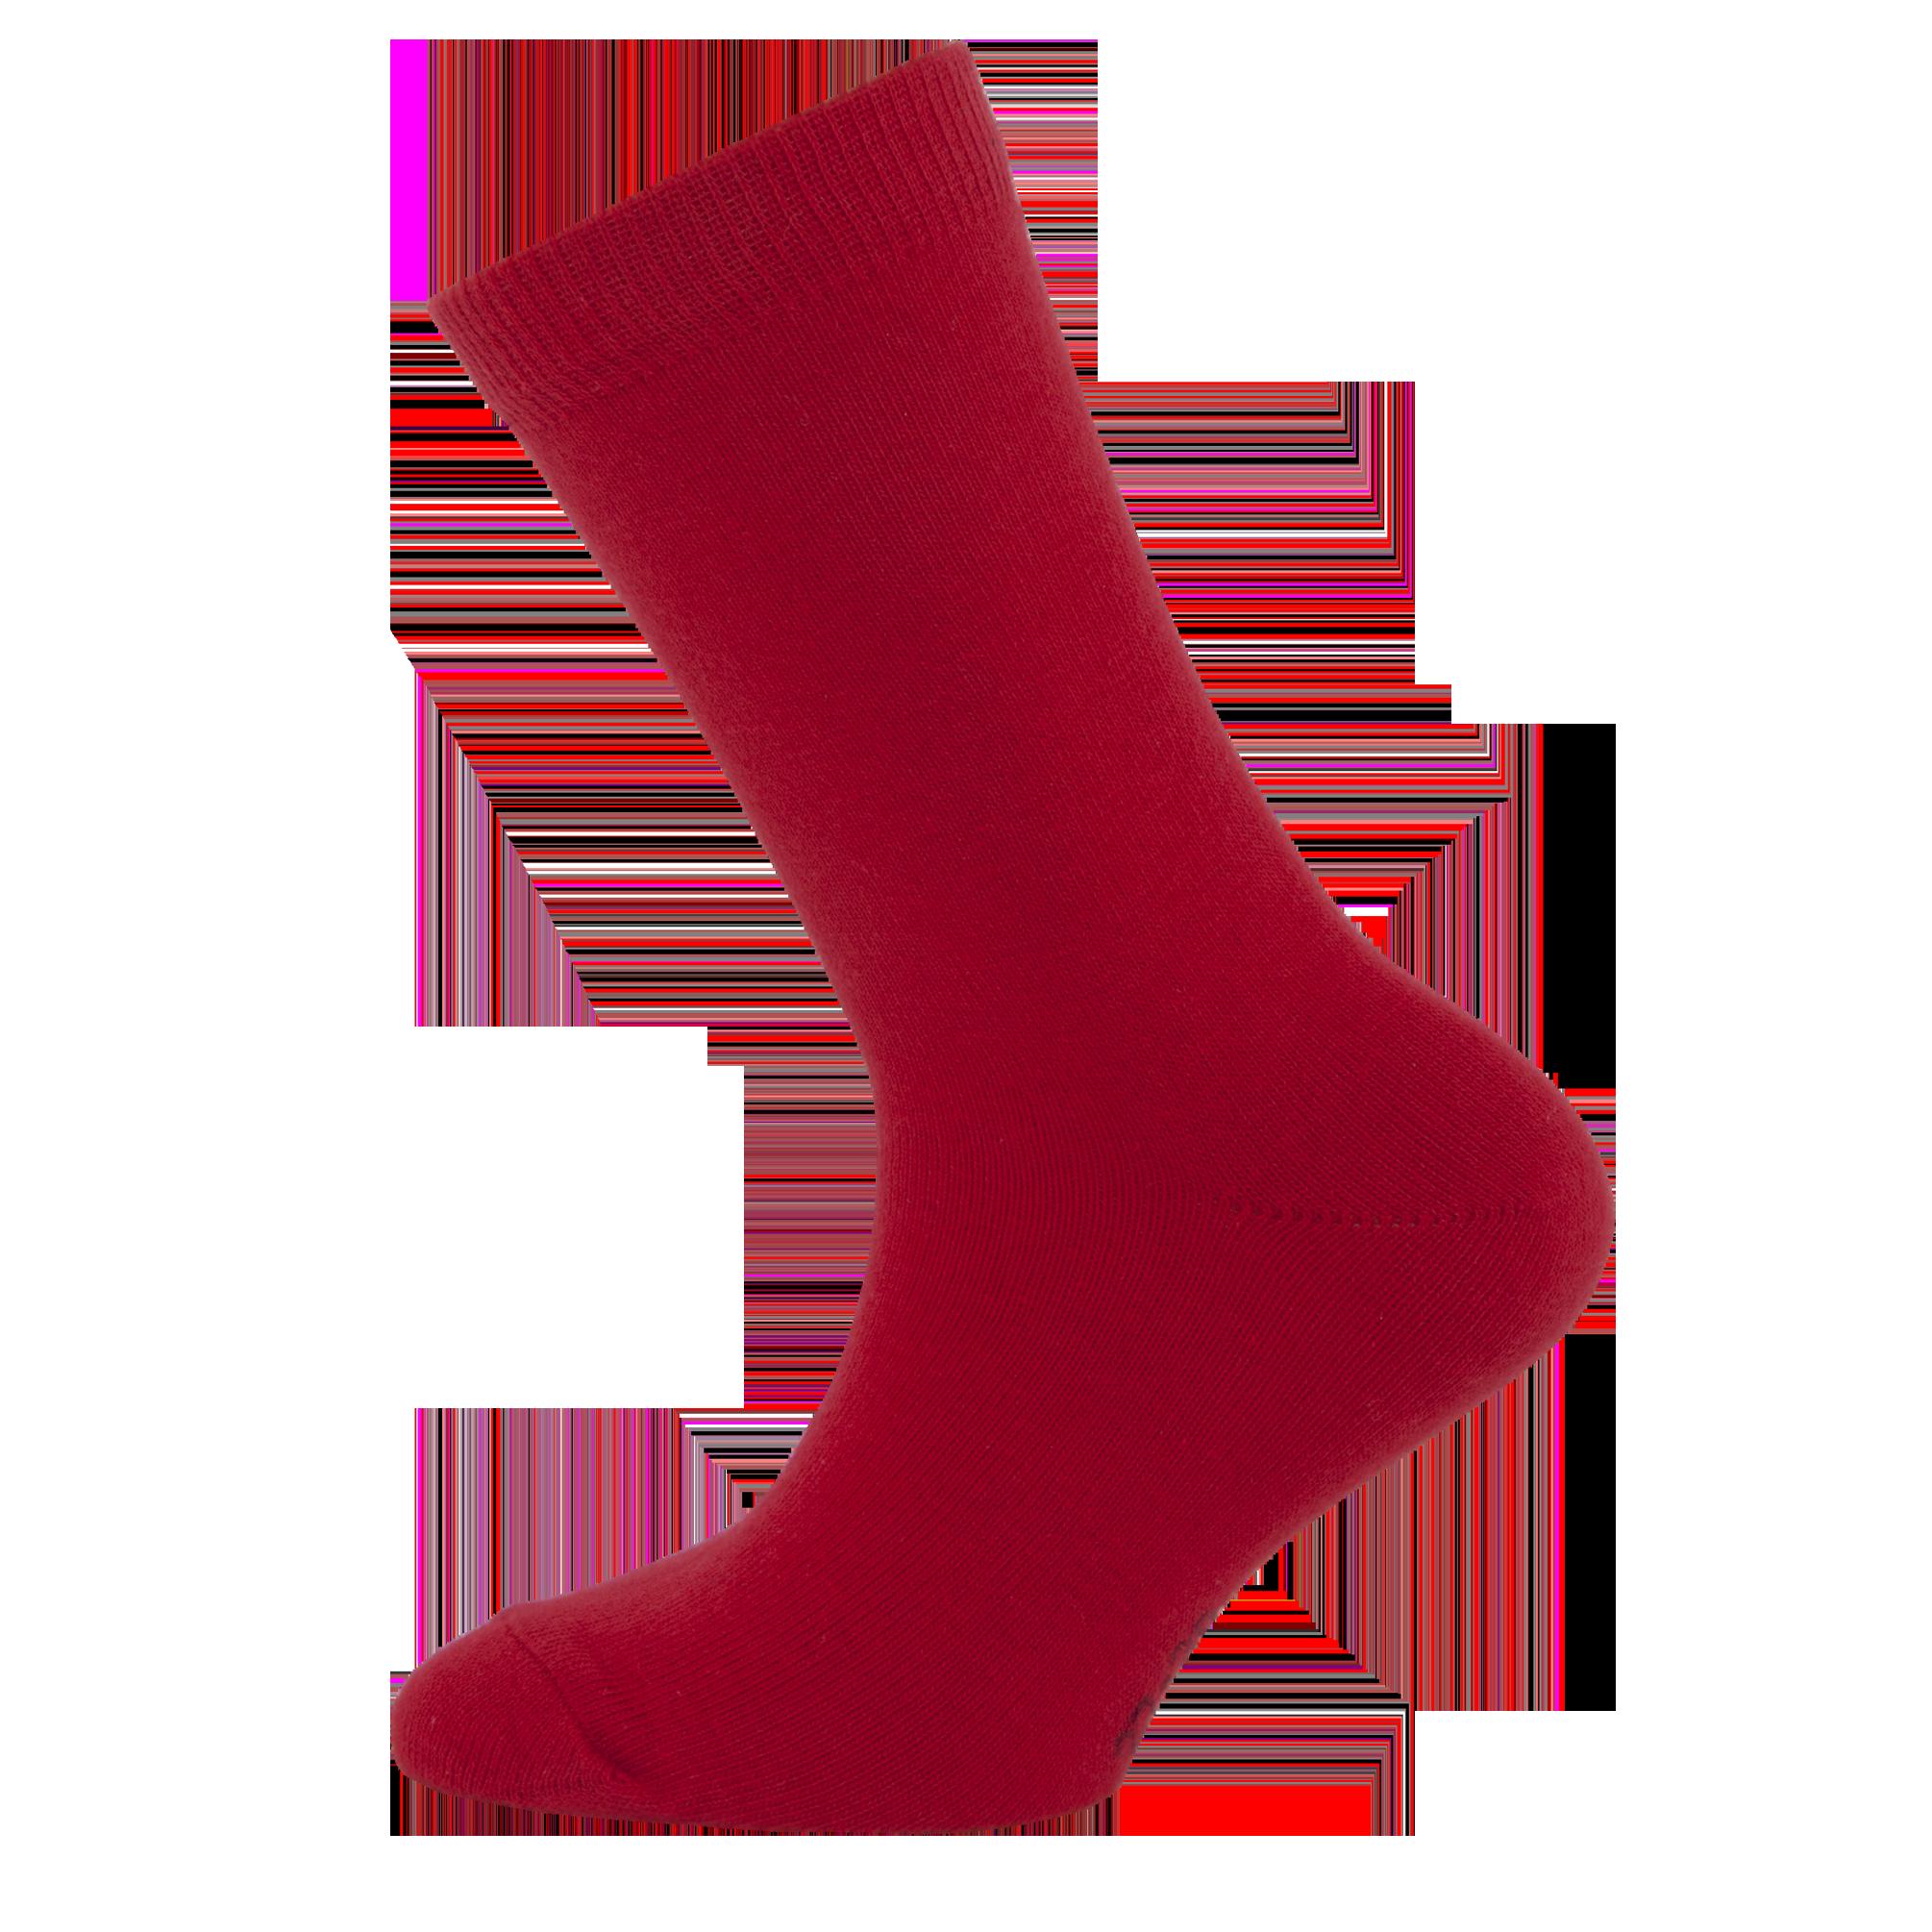 Ewers Kniestrümpfe Socken baby Jungen Mädchen 17 18 19 23 26 27 30 31 34 35 38